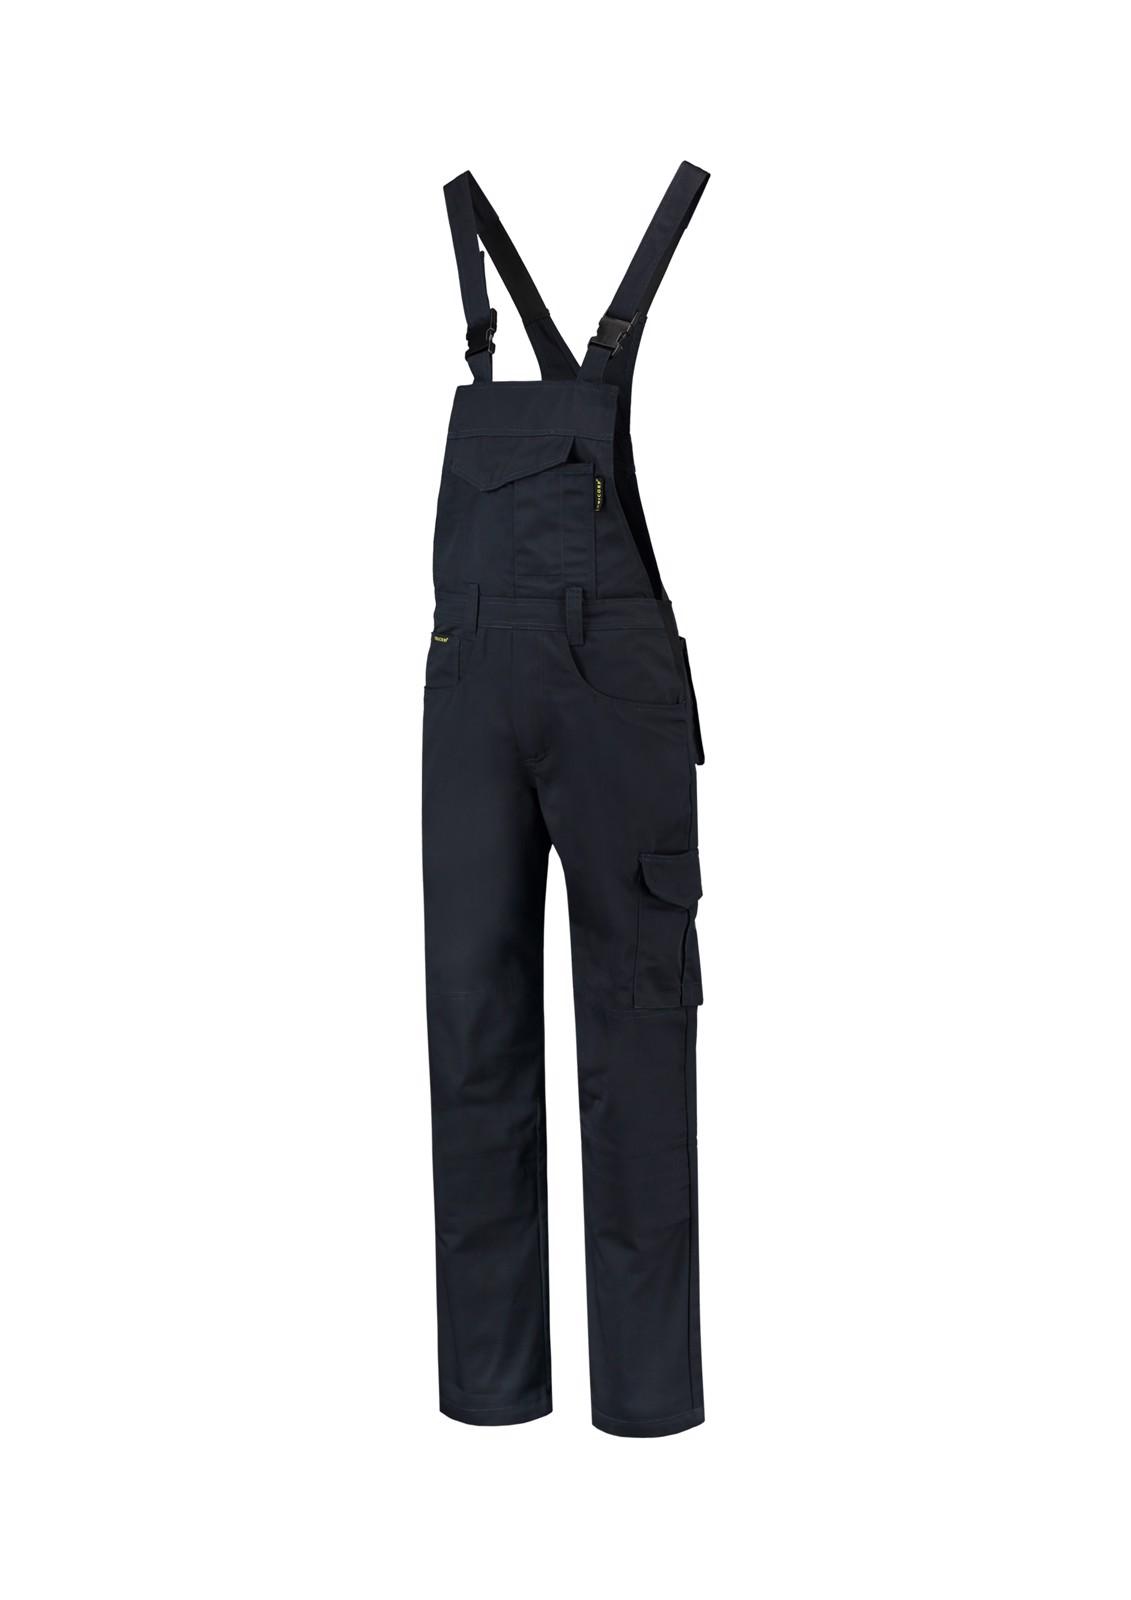 Pracovní kalhoty s laclem unisex Tricorp Dungaree Overall Industrial - Námořní Modrá / 2XL